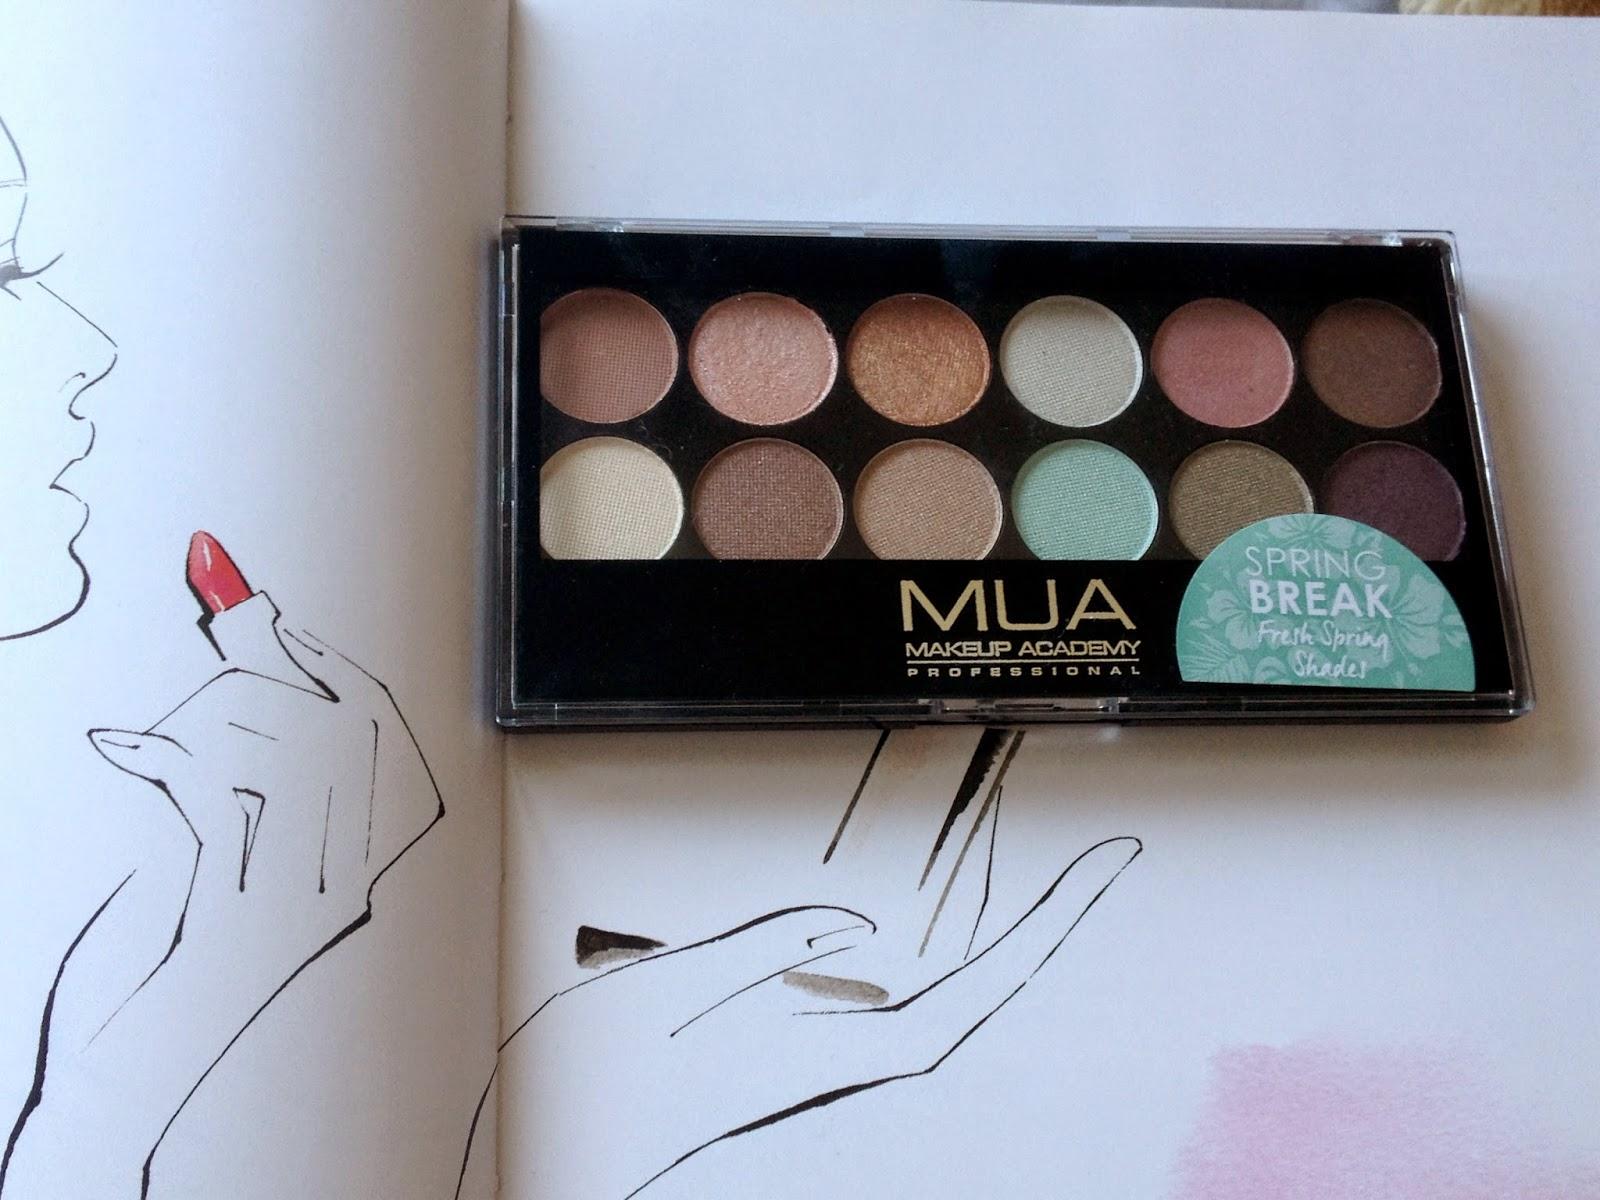 MUA Spring Break Eyeshadow Palette